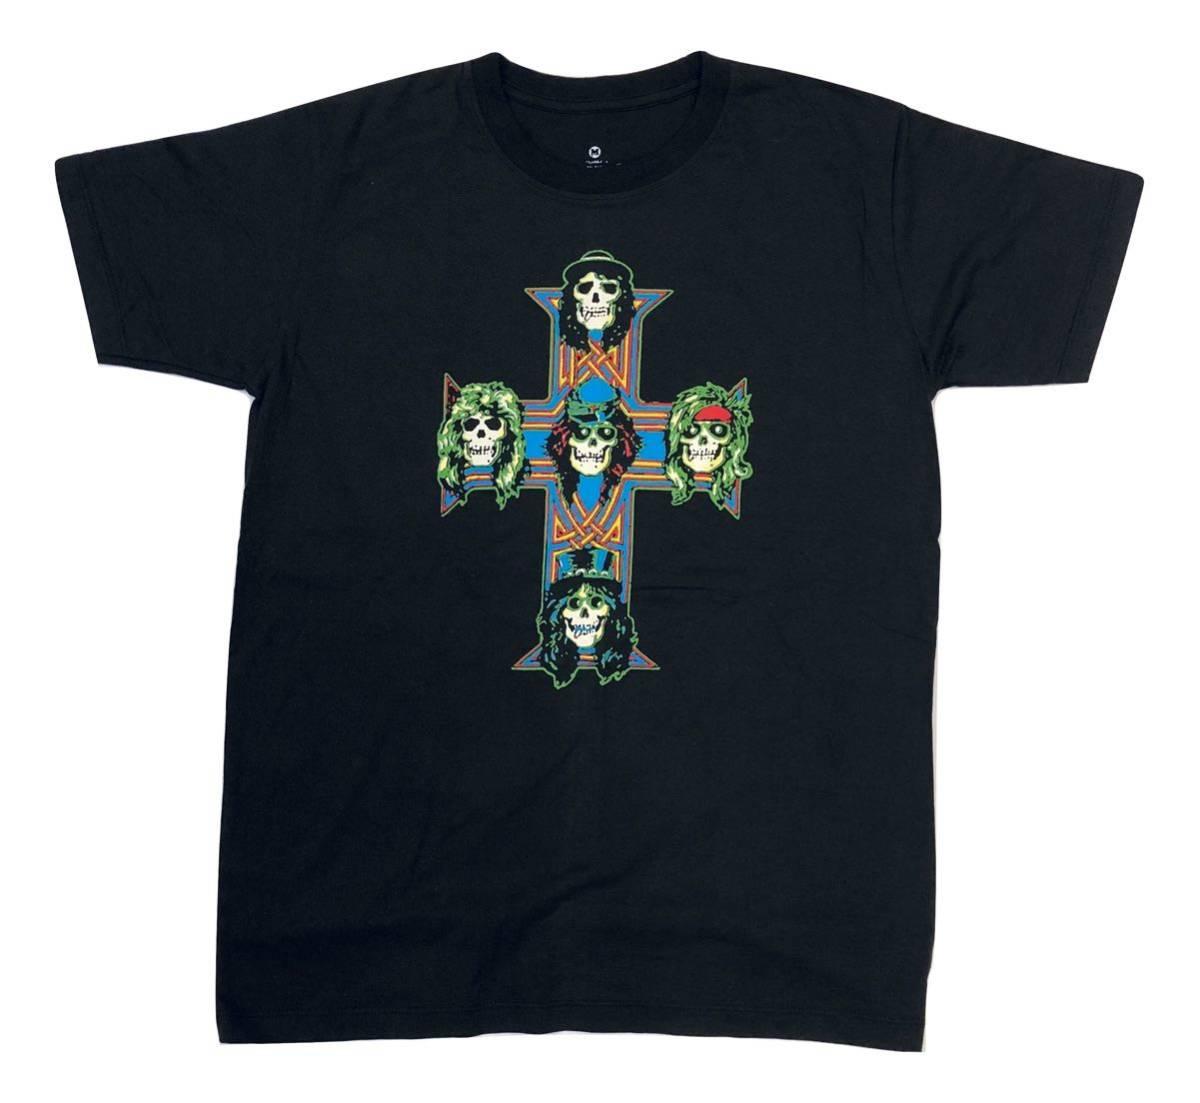 新品 Axl Rose アクセル・ローズ Guns N' Roses ガンズ・アンド・ローゼズ バンドTシャツ バンT ROCK ロック ハードロック 03 M_画像1